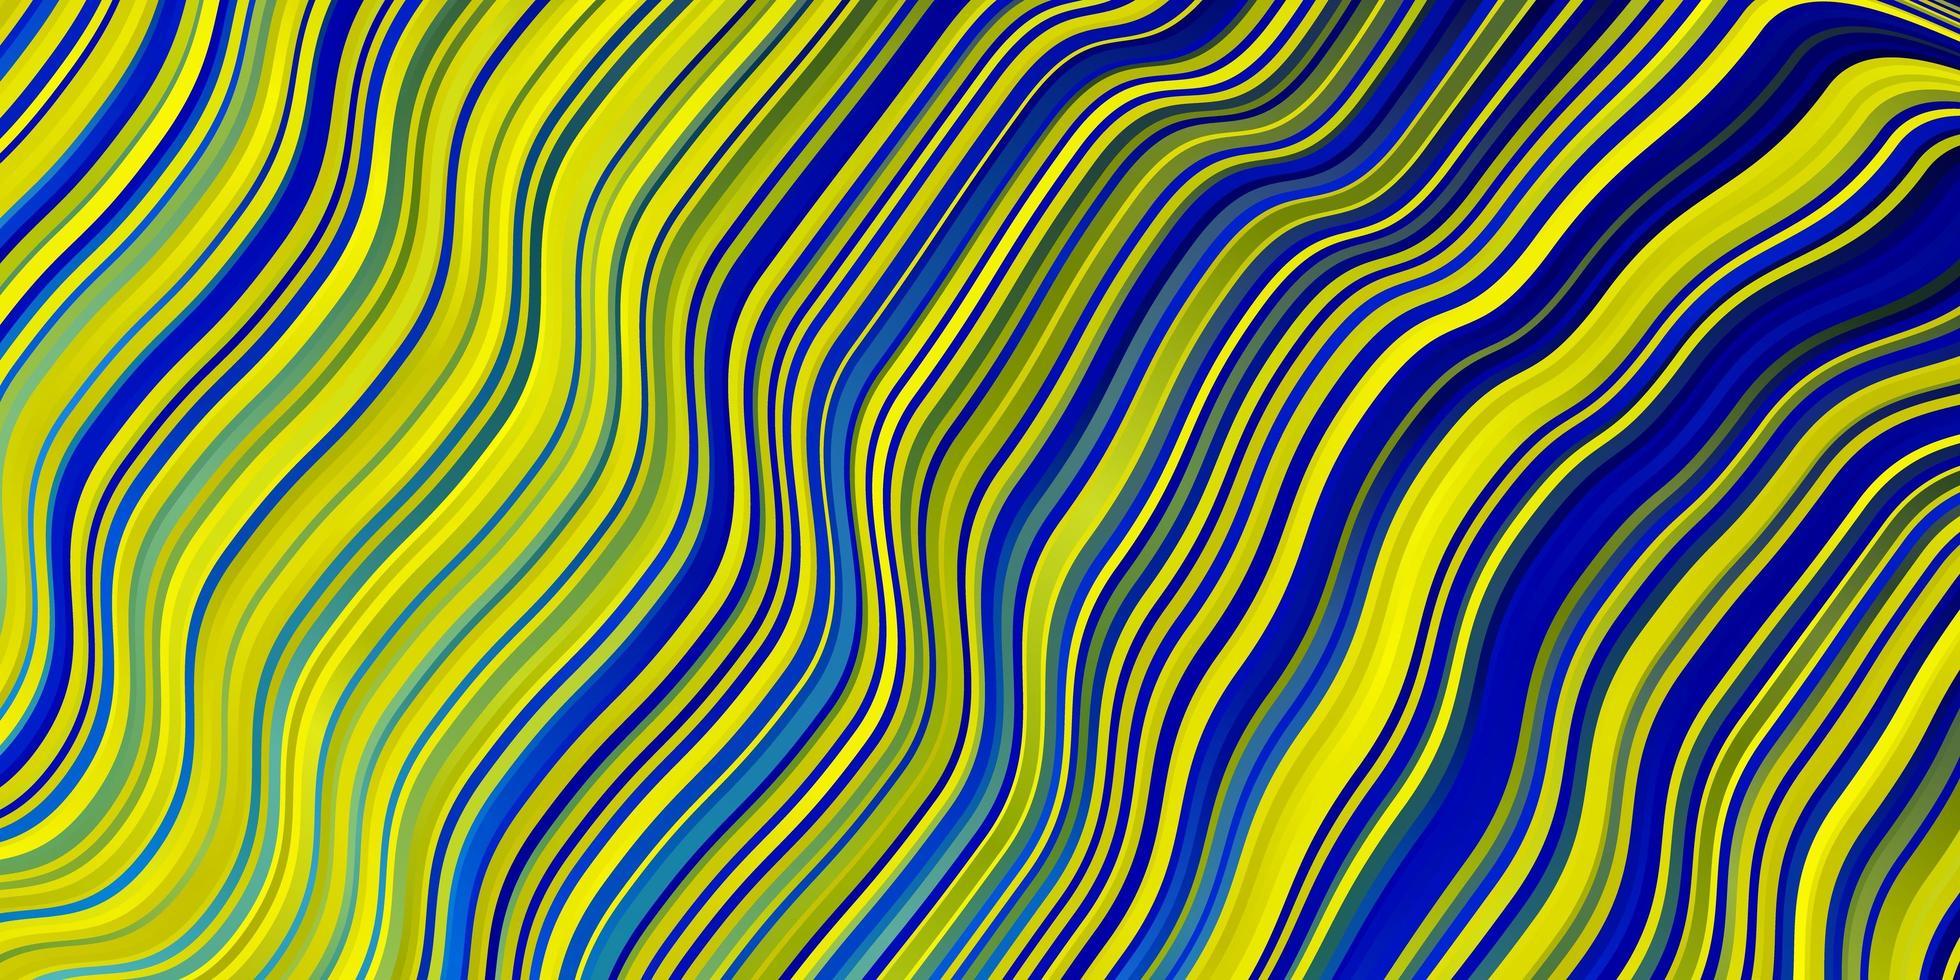 fundo vector azul e amarelo claro com linhas.